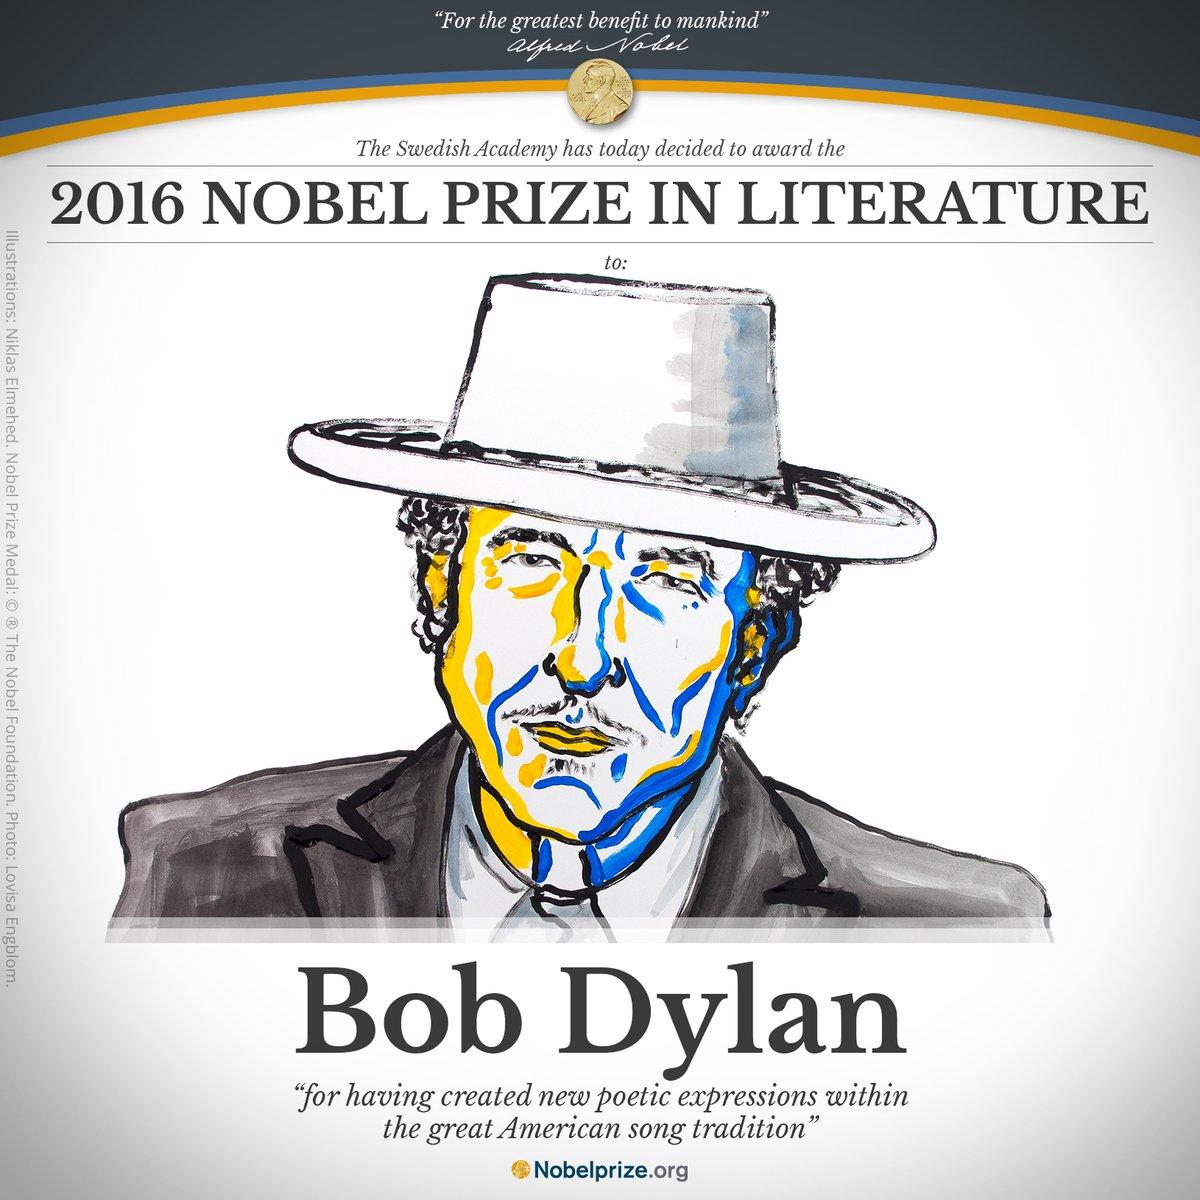 ノーベル文学賞はボブ・ディラン 本屋「ファッ!?」